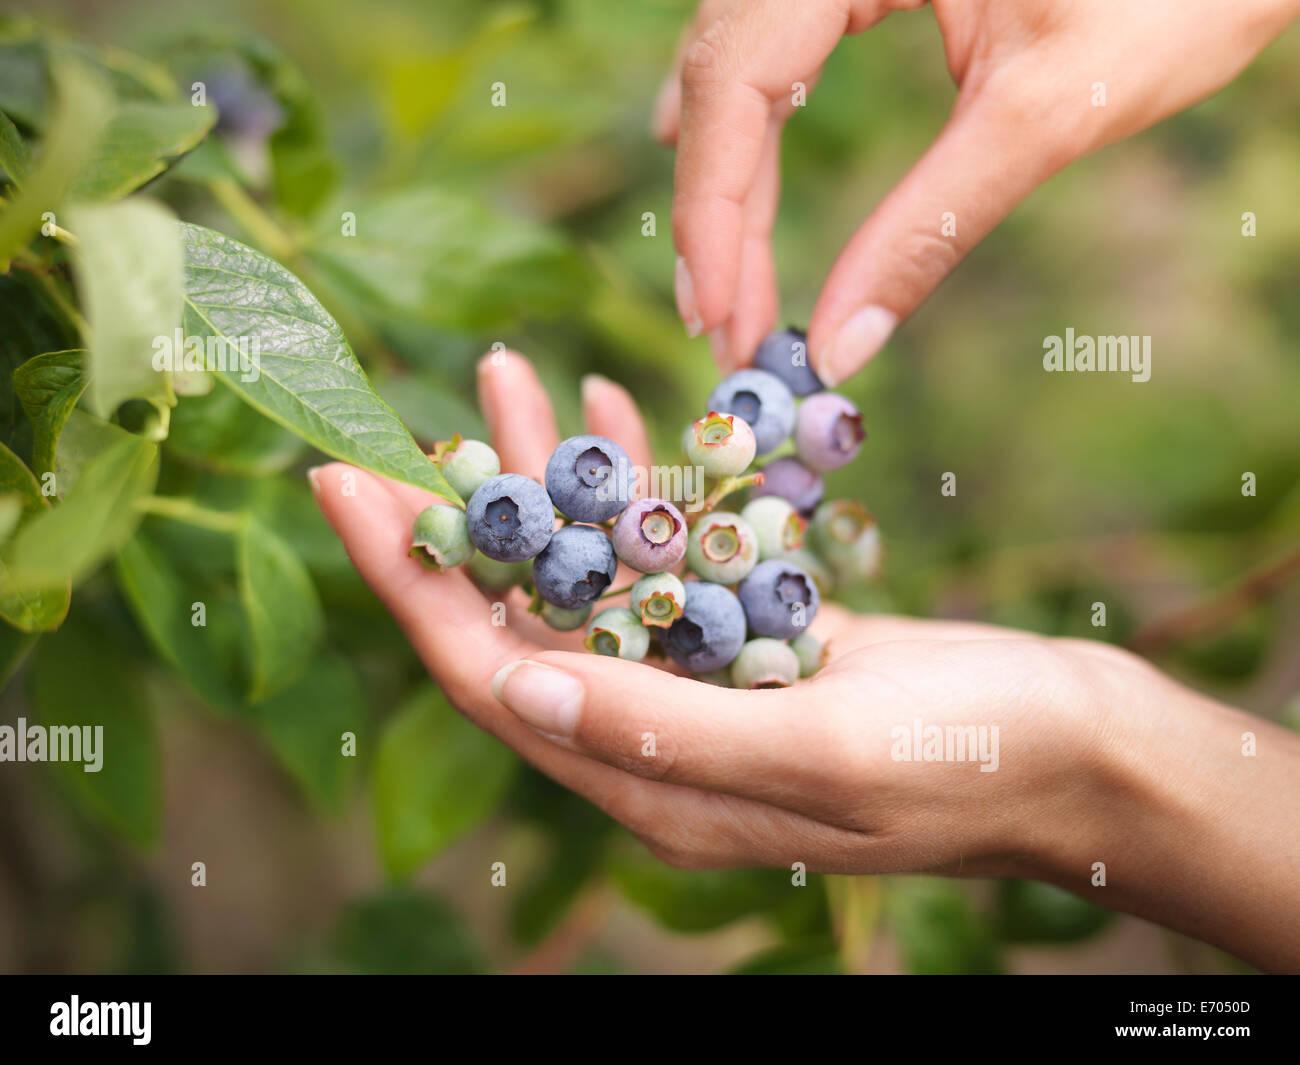 Il prelievo di mirtilli sul maso frutticolo, close up Immagini Stock